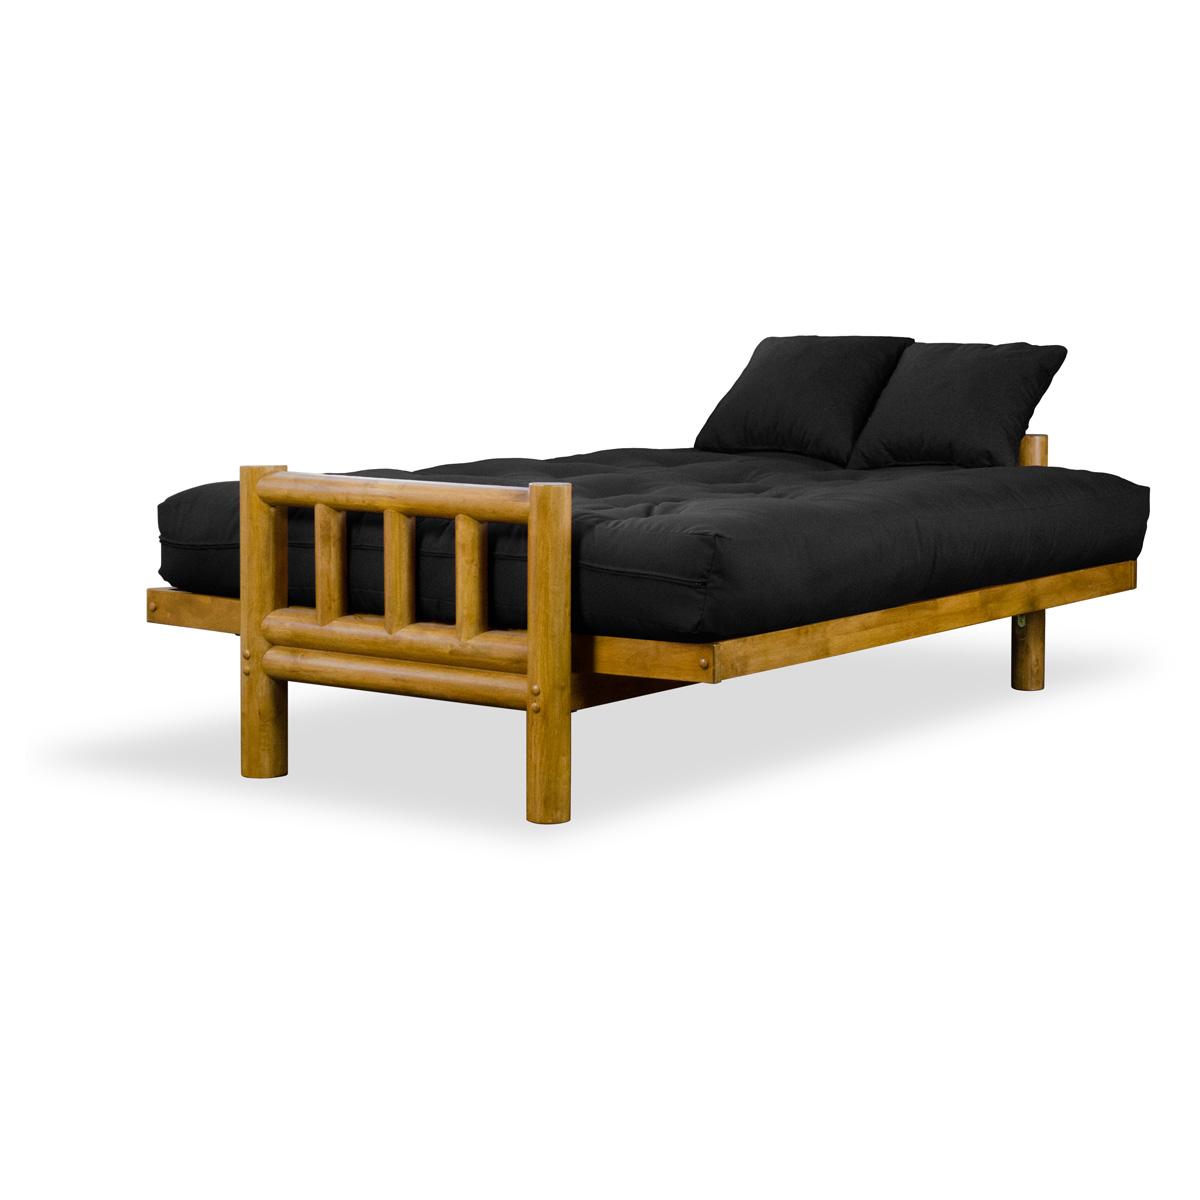 tahoe log futon frame and mattress set   heritage finish   nf tlog set     tahoe log futon frame and mattress set   heritage finish   dcg stores  rh   dcgstores